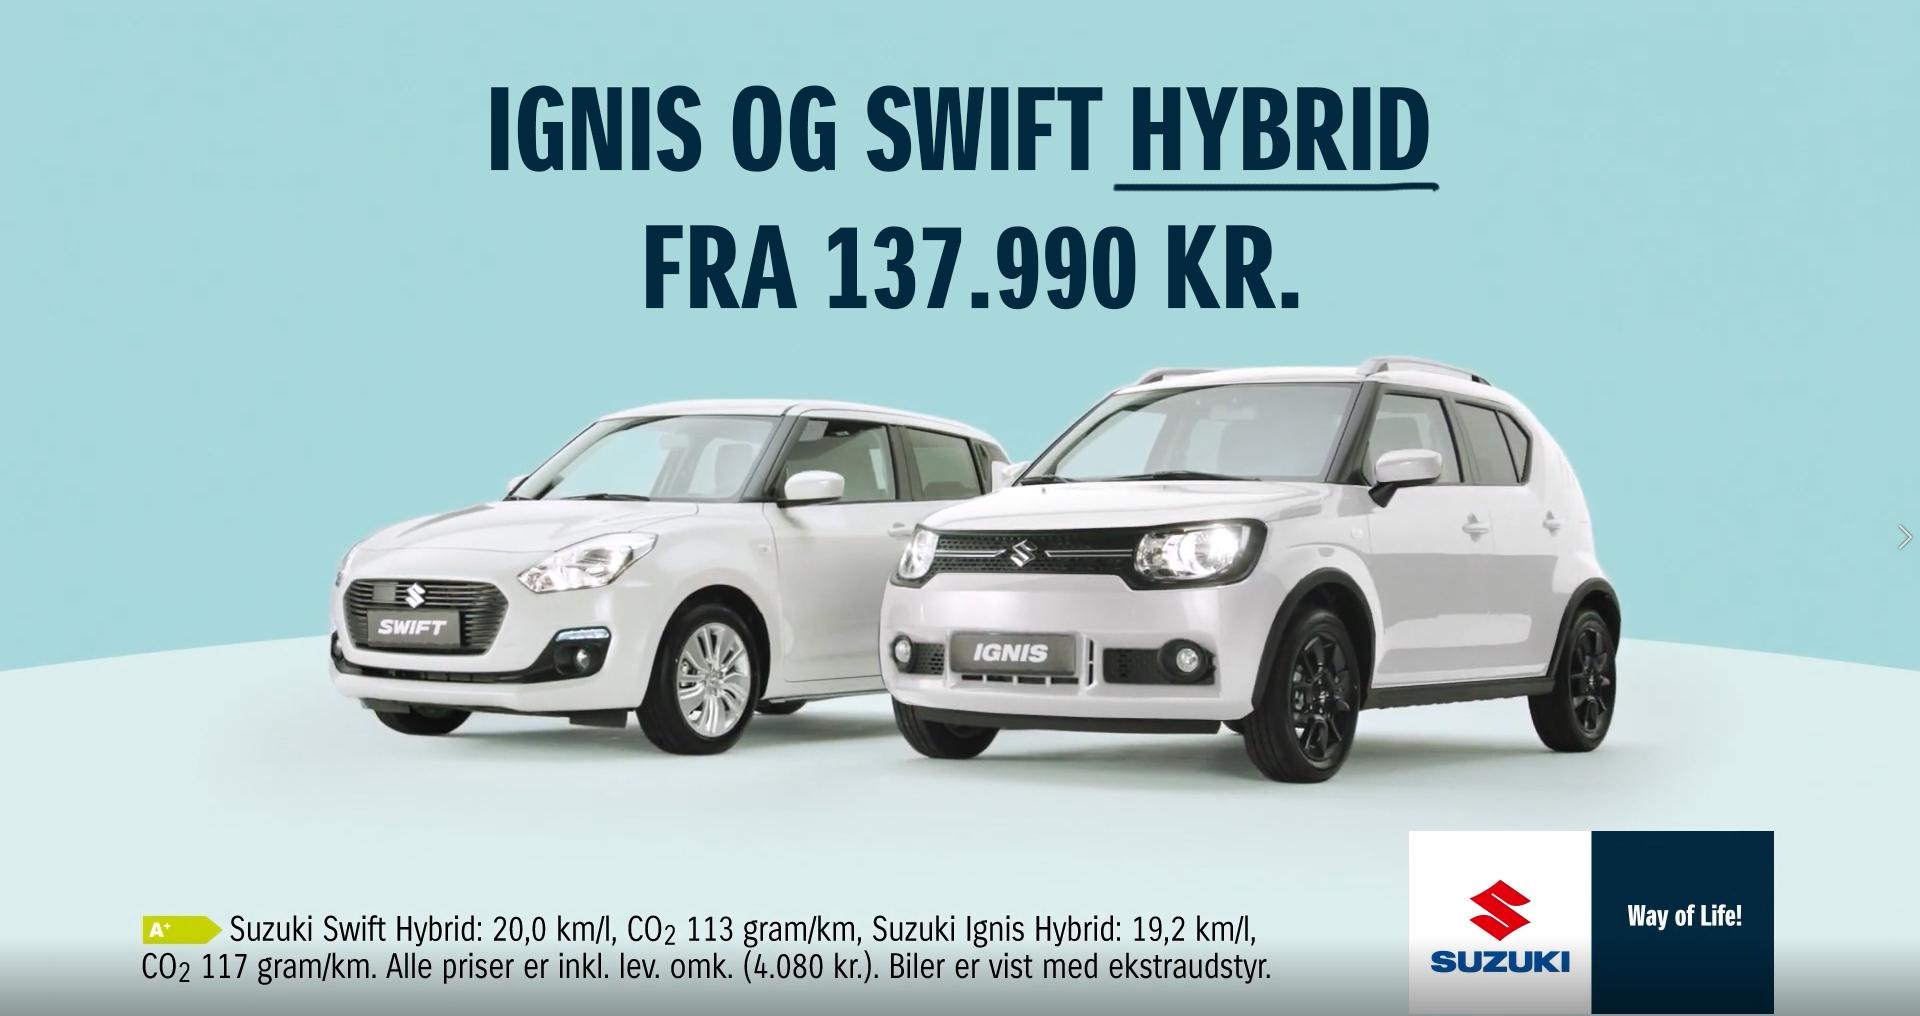 Nu er hybridteknik standard i Suzuki Ignis og Swift - prøv den hos os